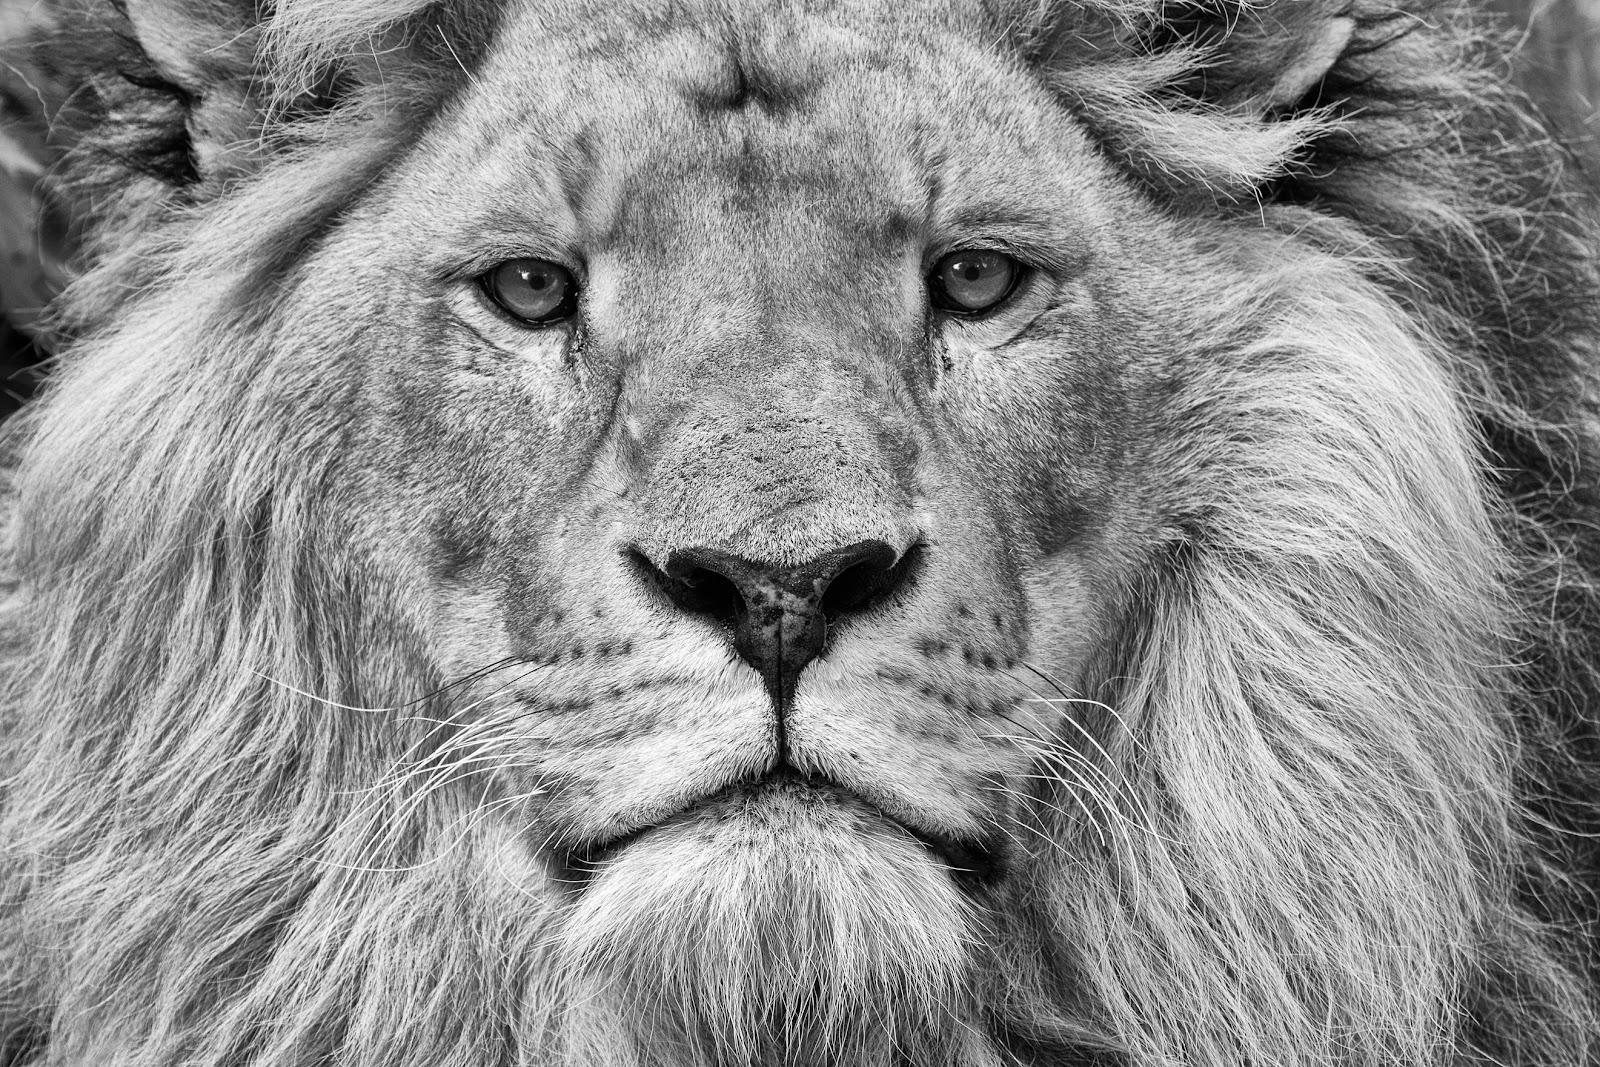 Immagine che contiene grande felino, mammifero, animale, leone  Descrizione generata automaticamente